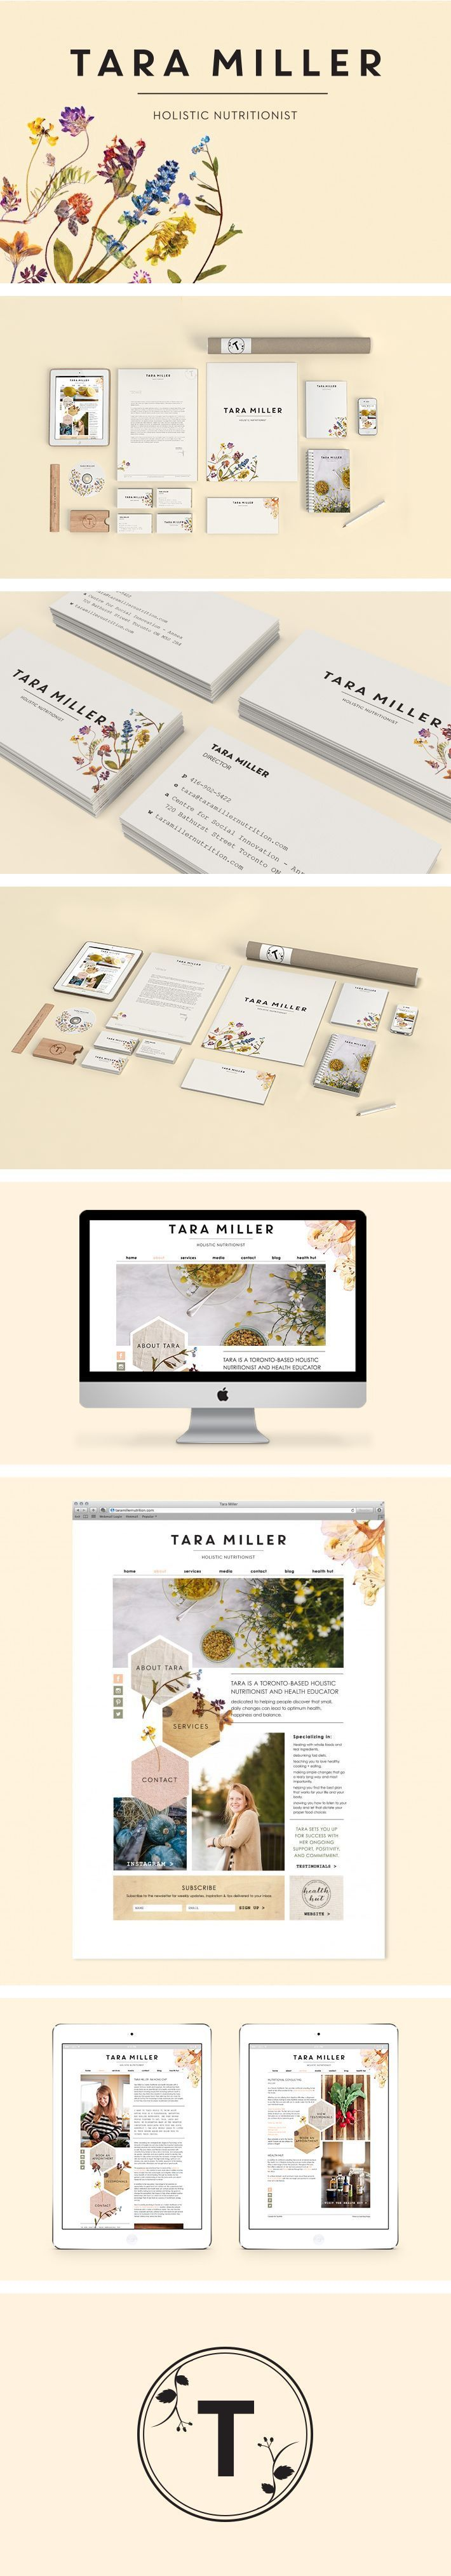 Tara Miller Branding